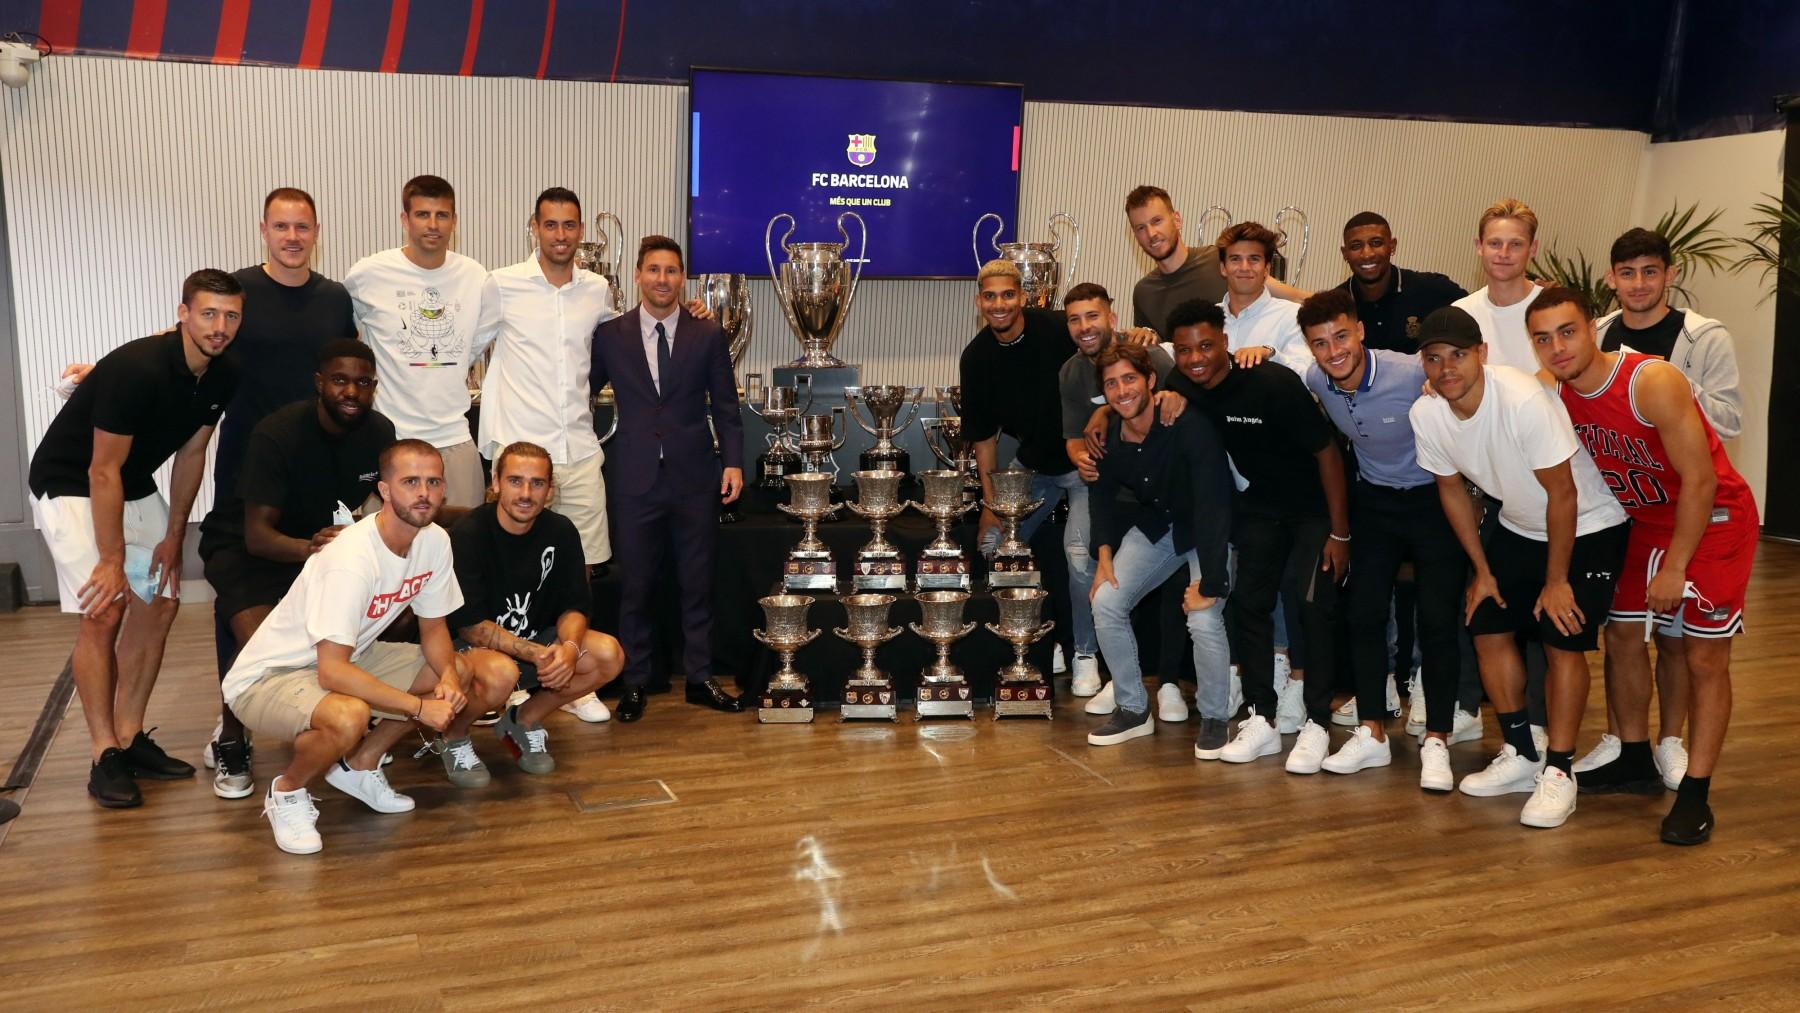 Messi posa junto a los títulos conseguidos y sus ex compañeros. (FC Barcelona)